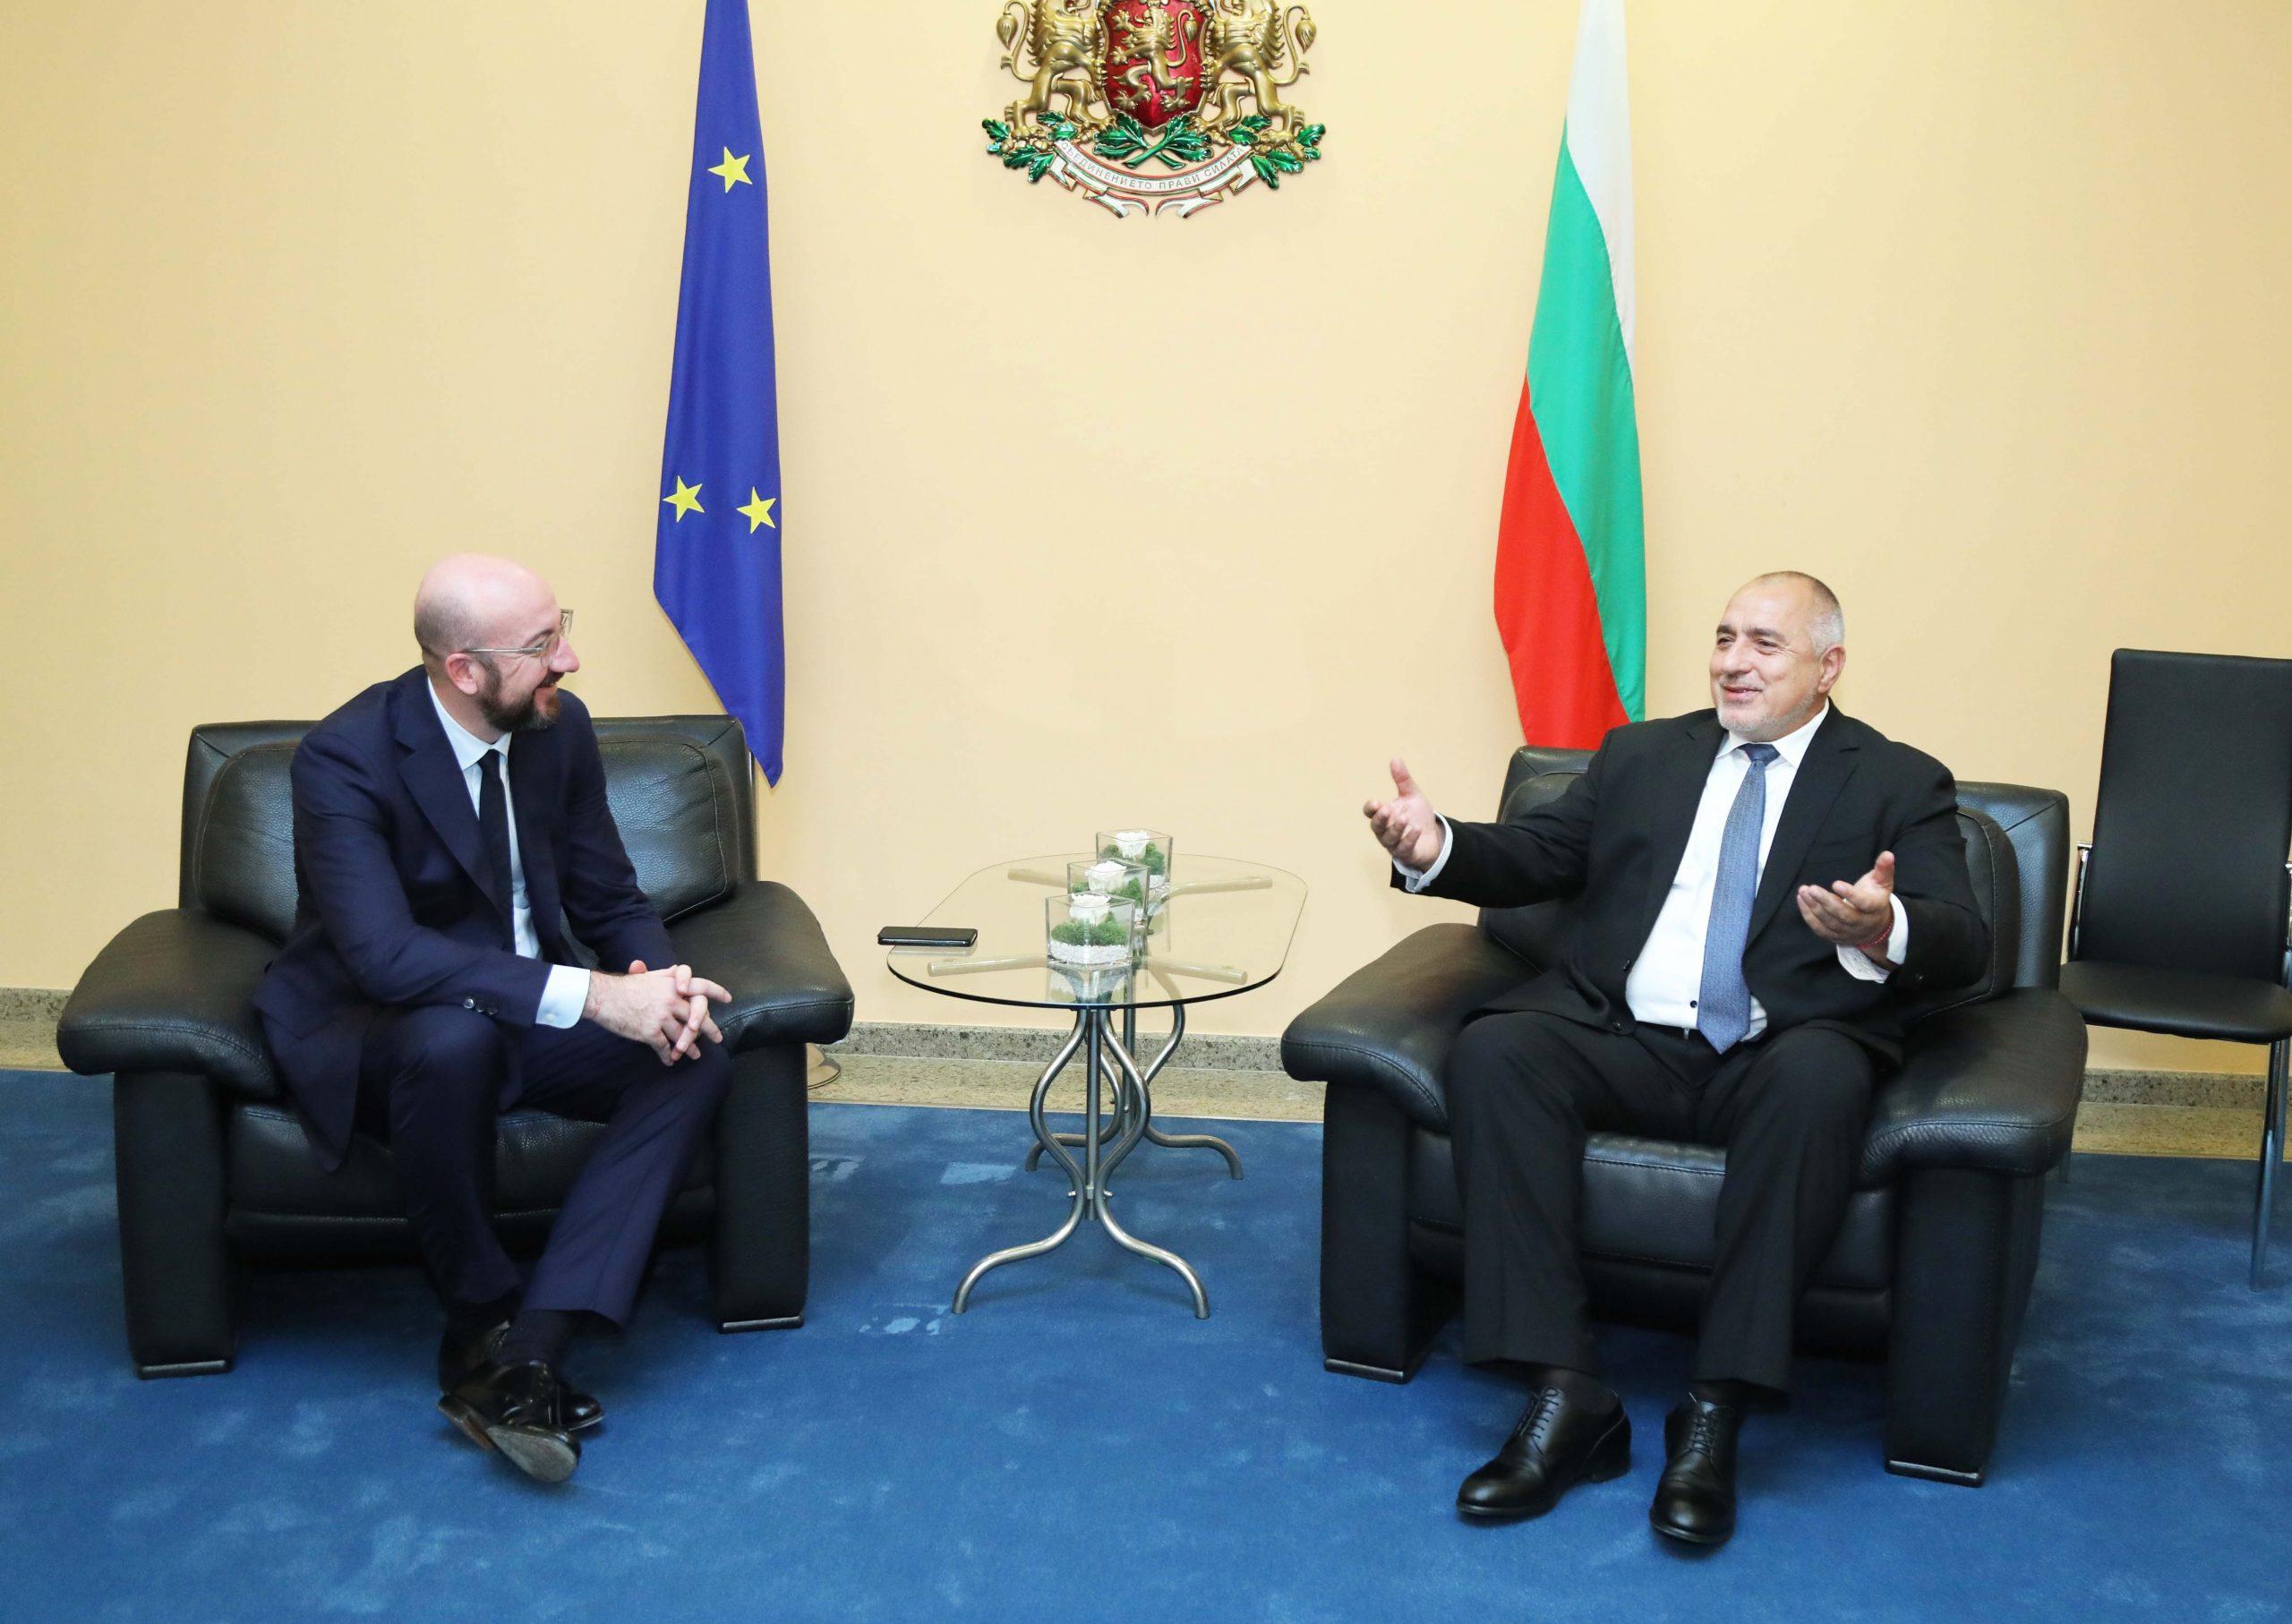 Борисов към Шарл Мишел: България продължава да осигурява високо ниво на сигурност